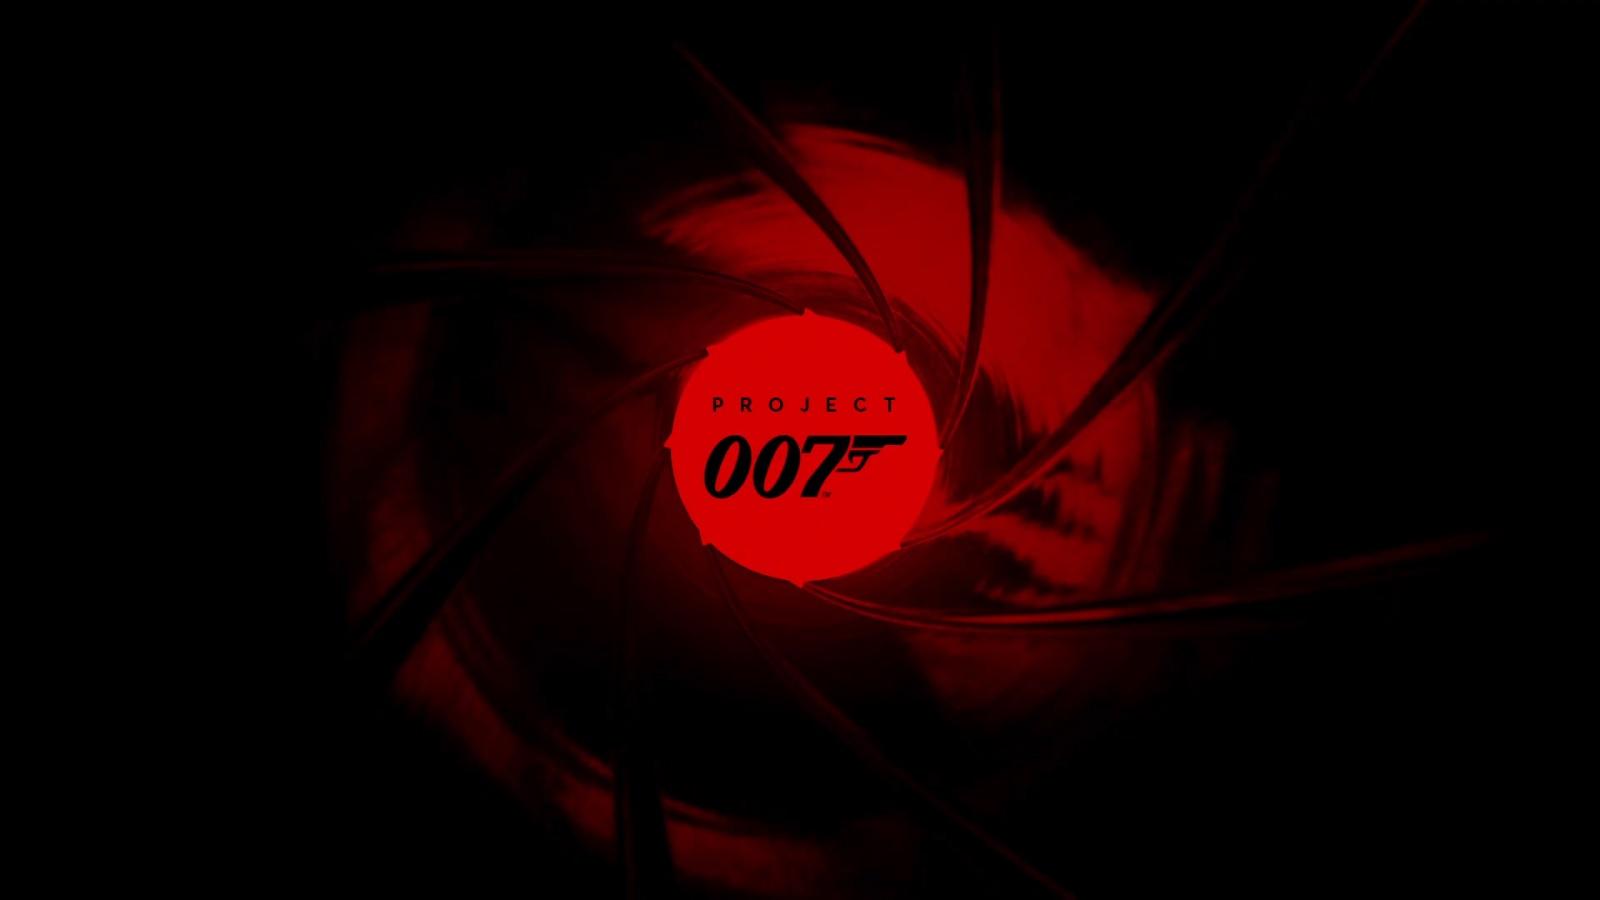 Бонд для игровой индустрии: глава IO Interactive рассказал, почему Project 007 станет самостоятельной историей